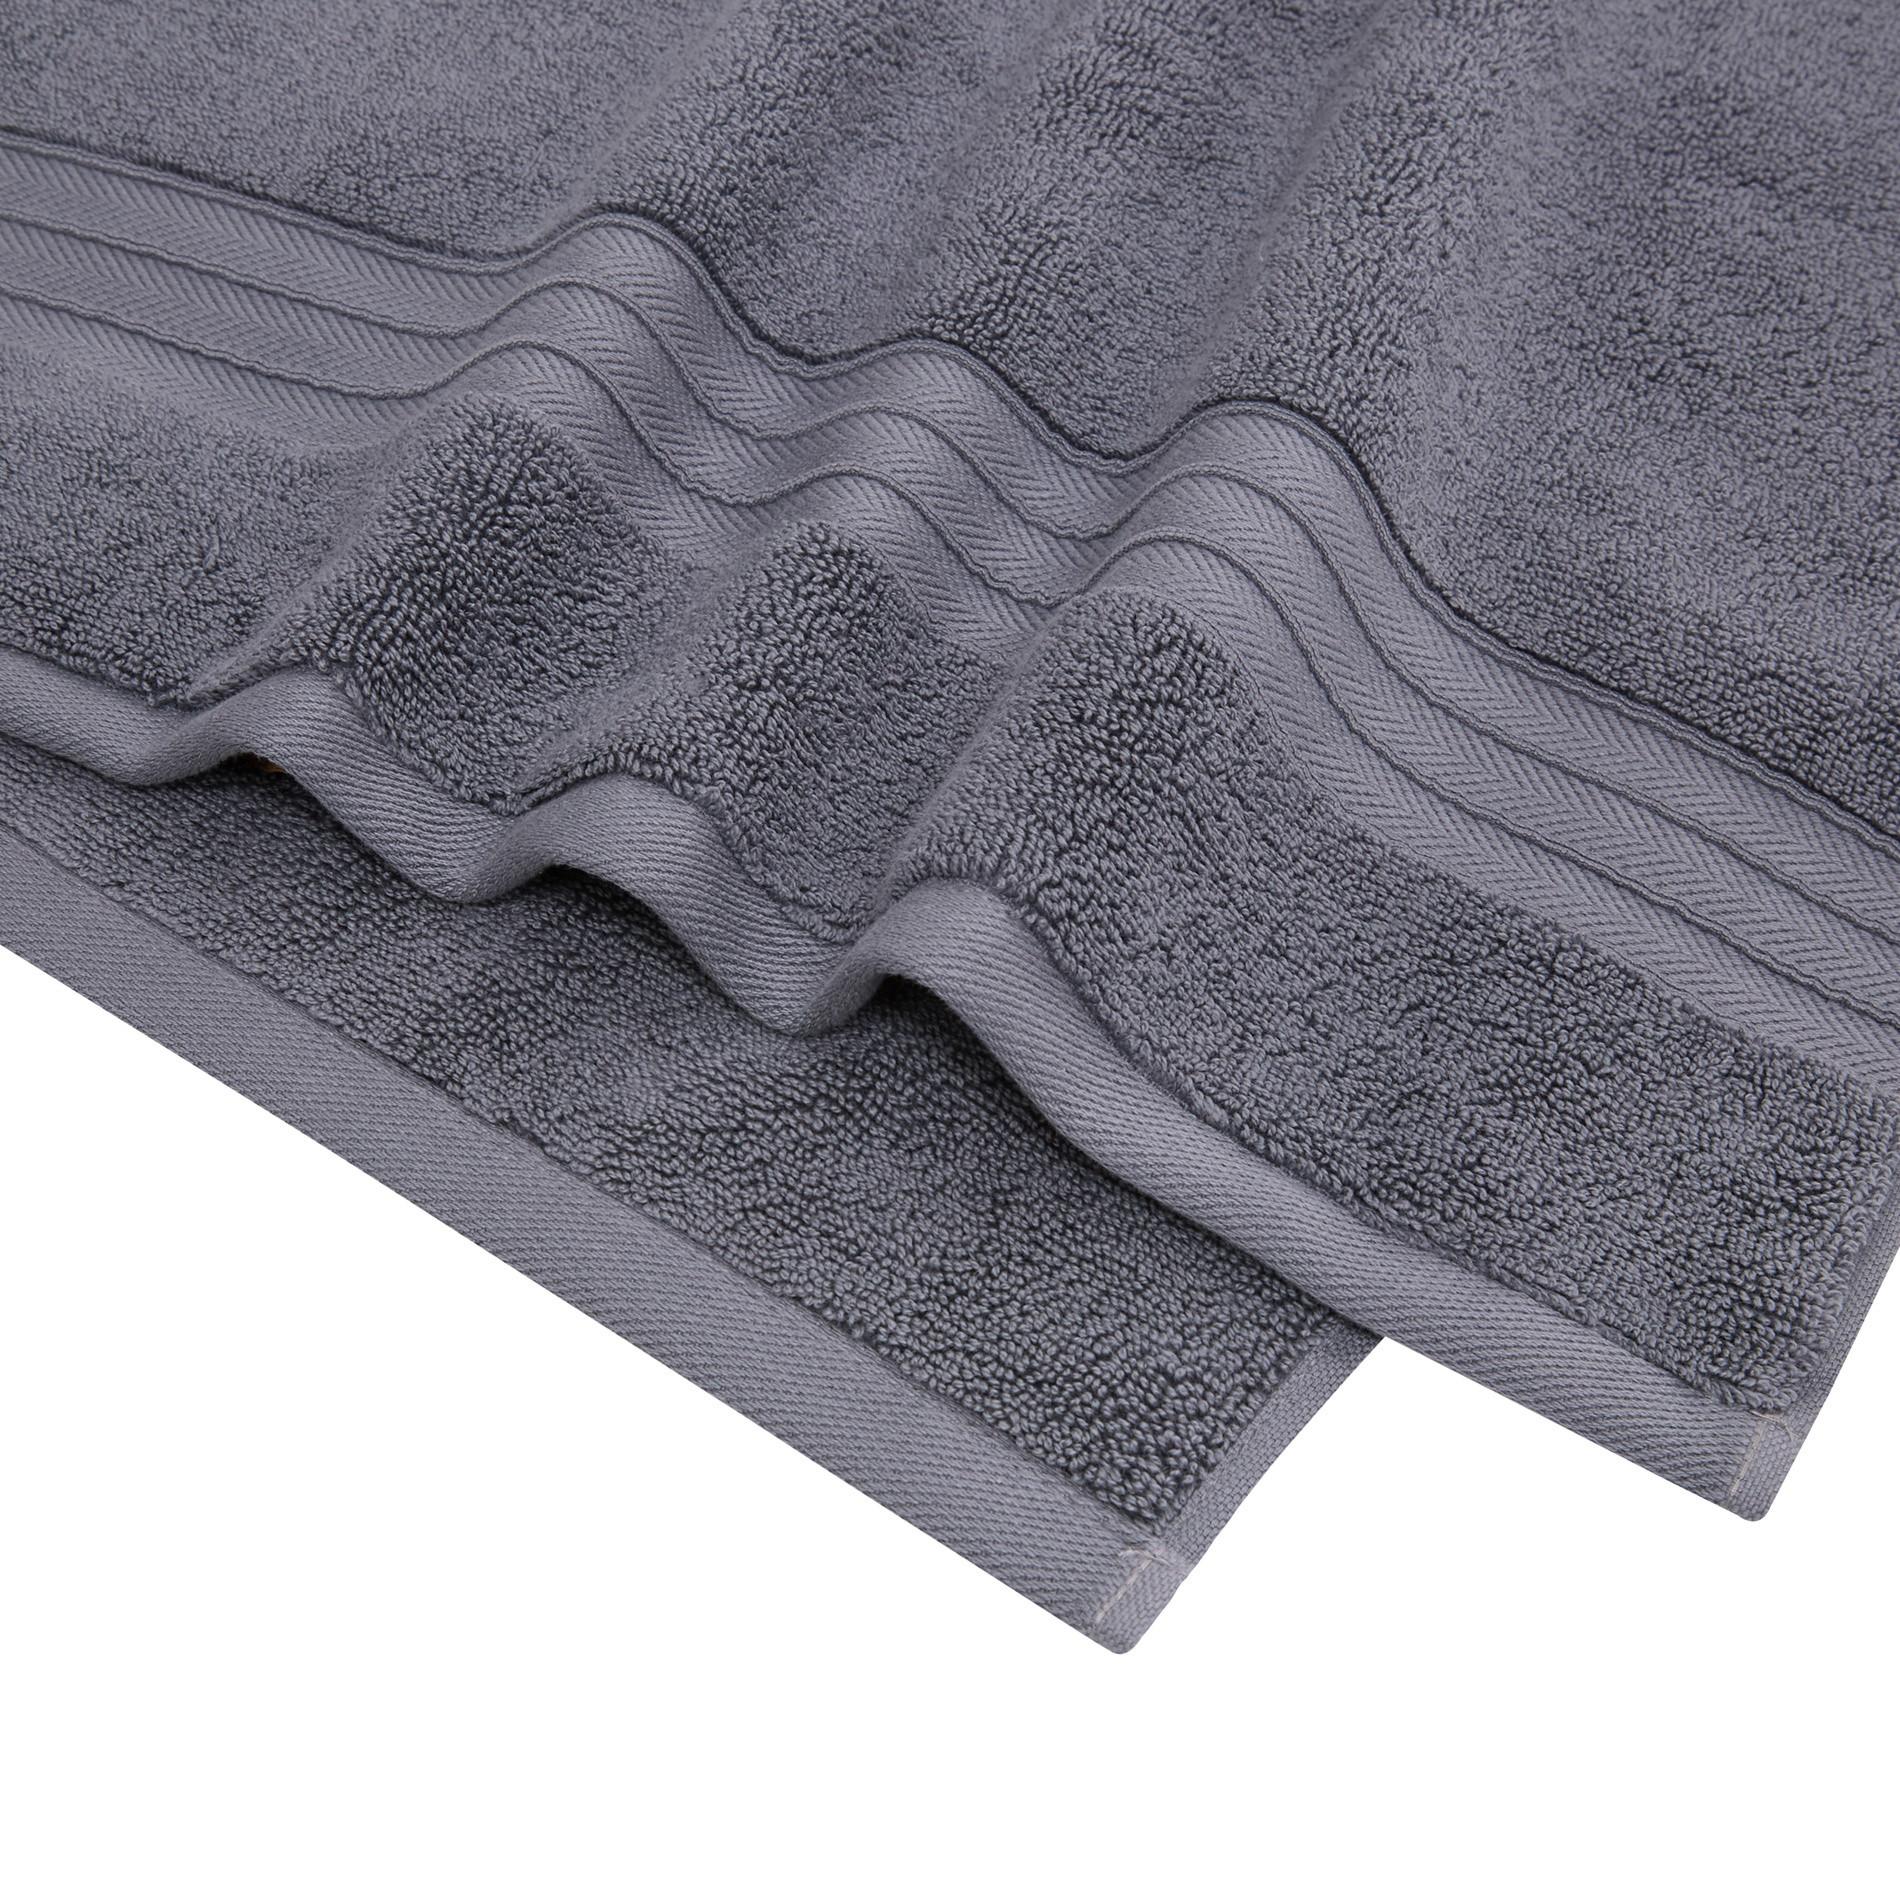 Asciugamano puro cotone tinta unita Thermae, Grigio scuro, large image number 3